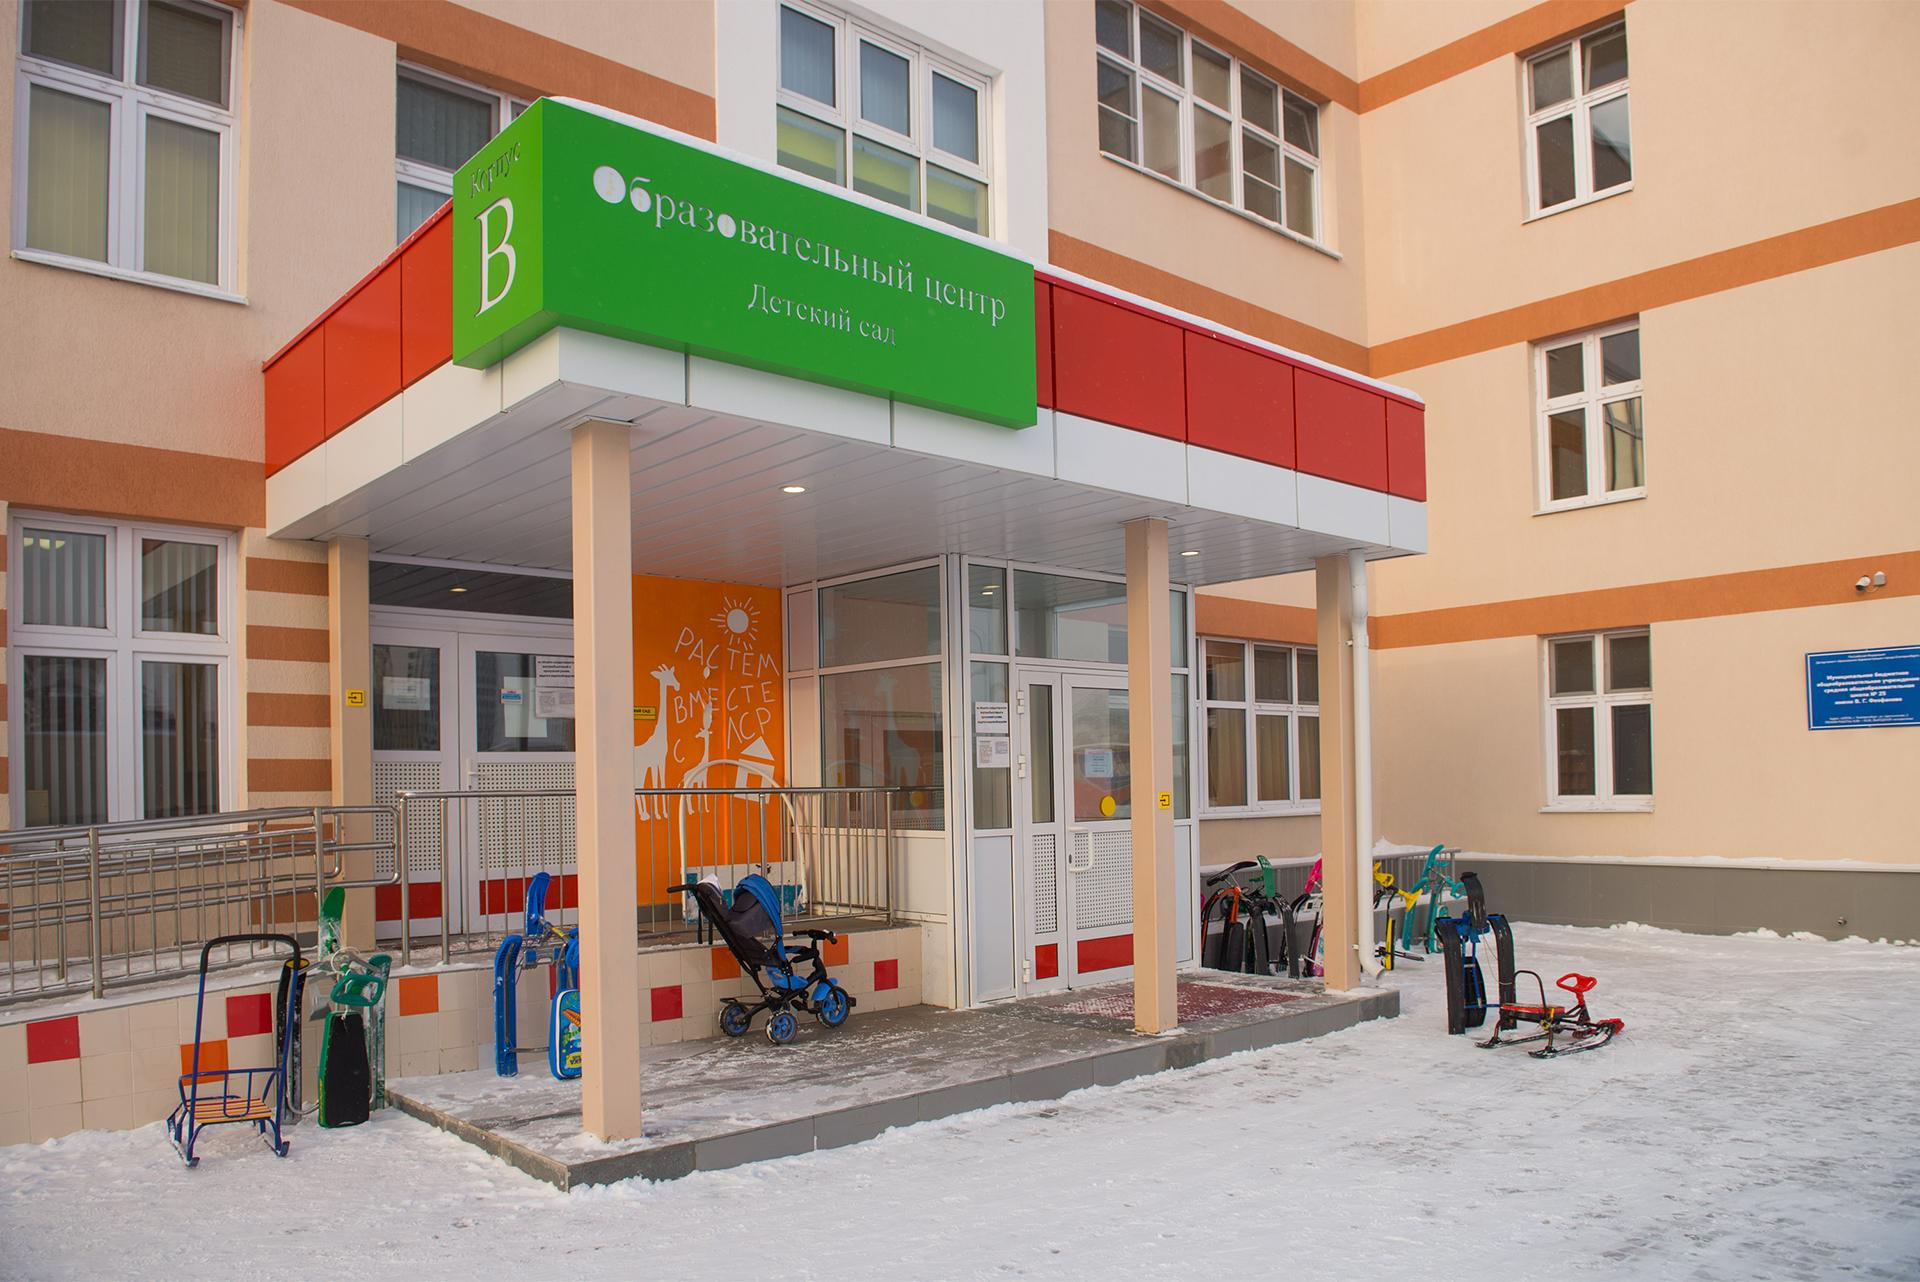 Рядом с домами — первый в городе образовательный центр, который объединяет школу и детский сад